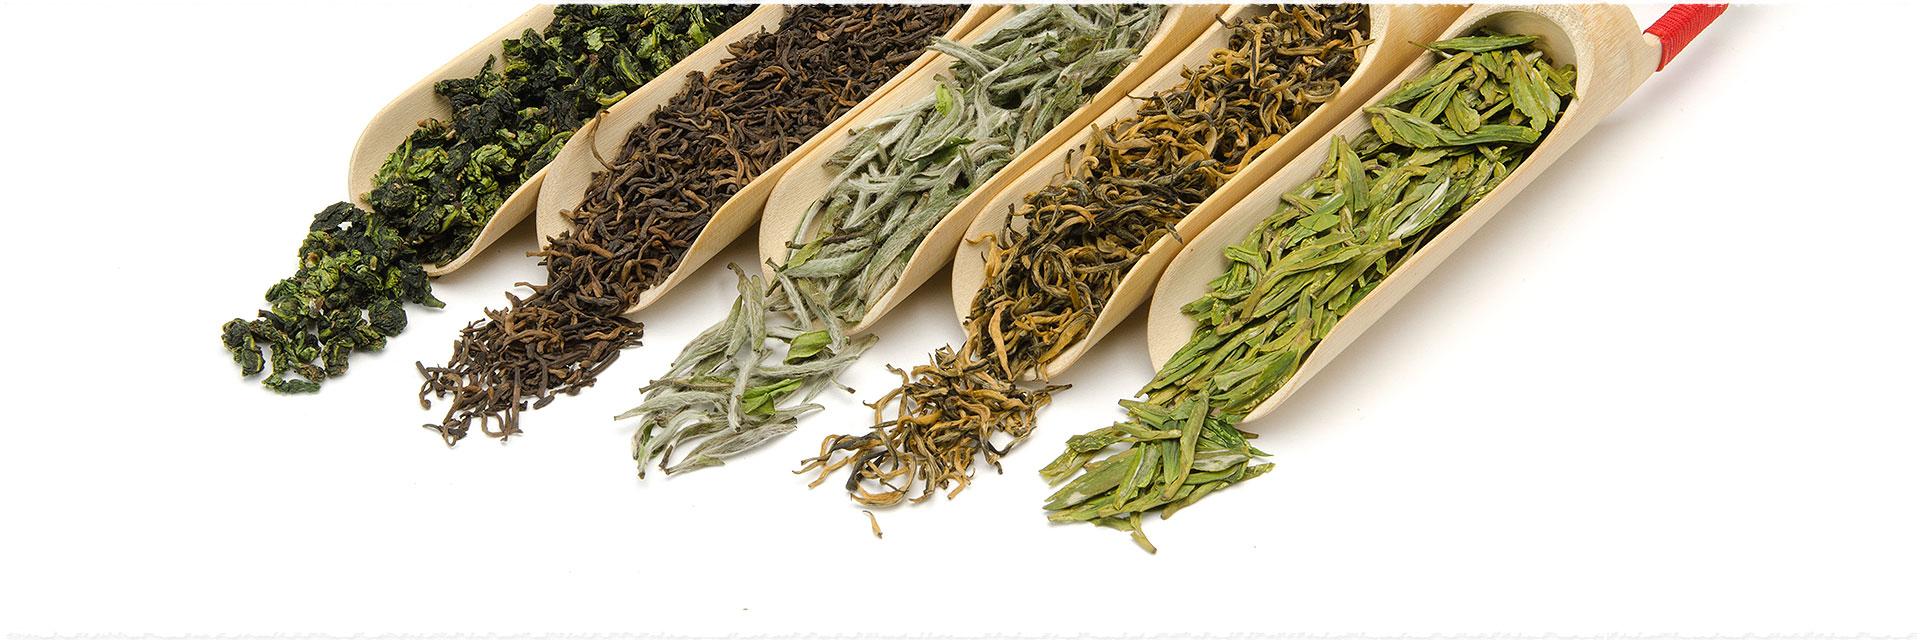 Thé vert, thé noir, quels  thés choisir quand on est débutant ?